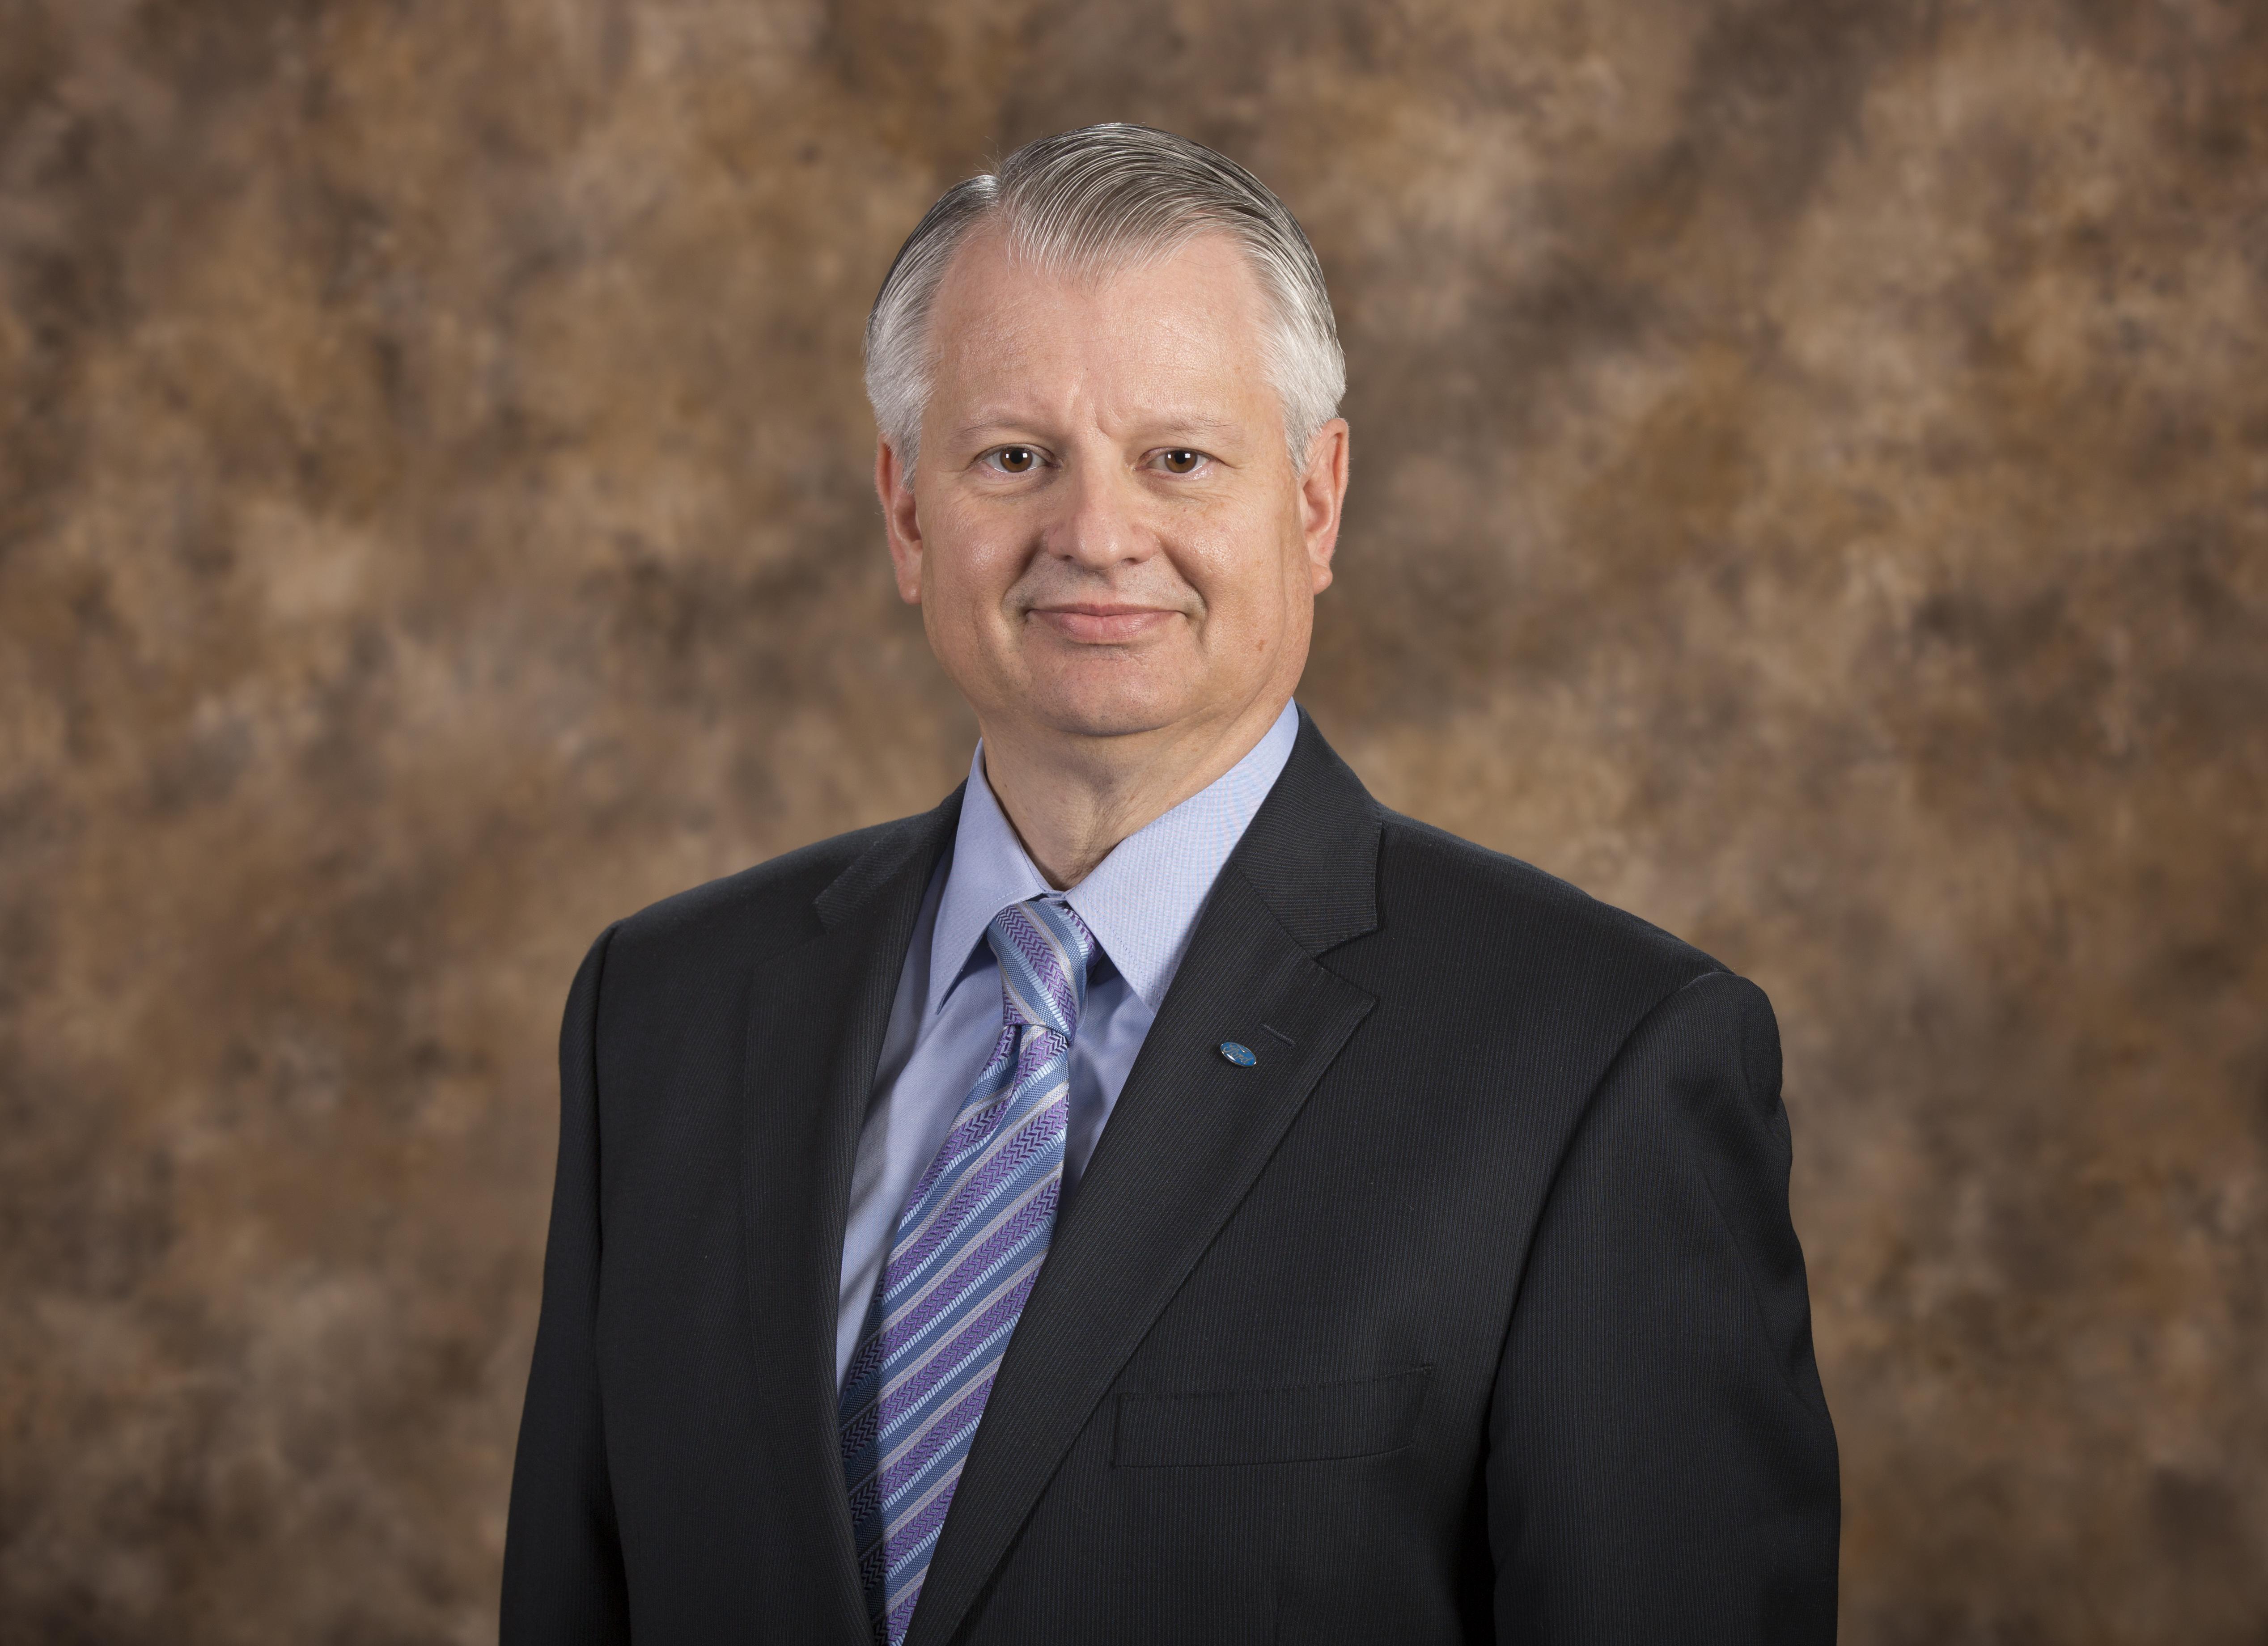 Walter Talamonti, M.D.